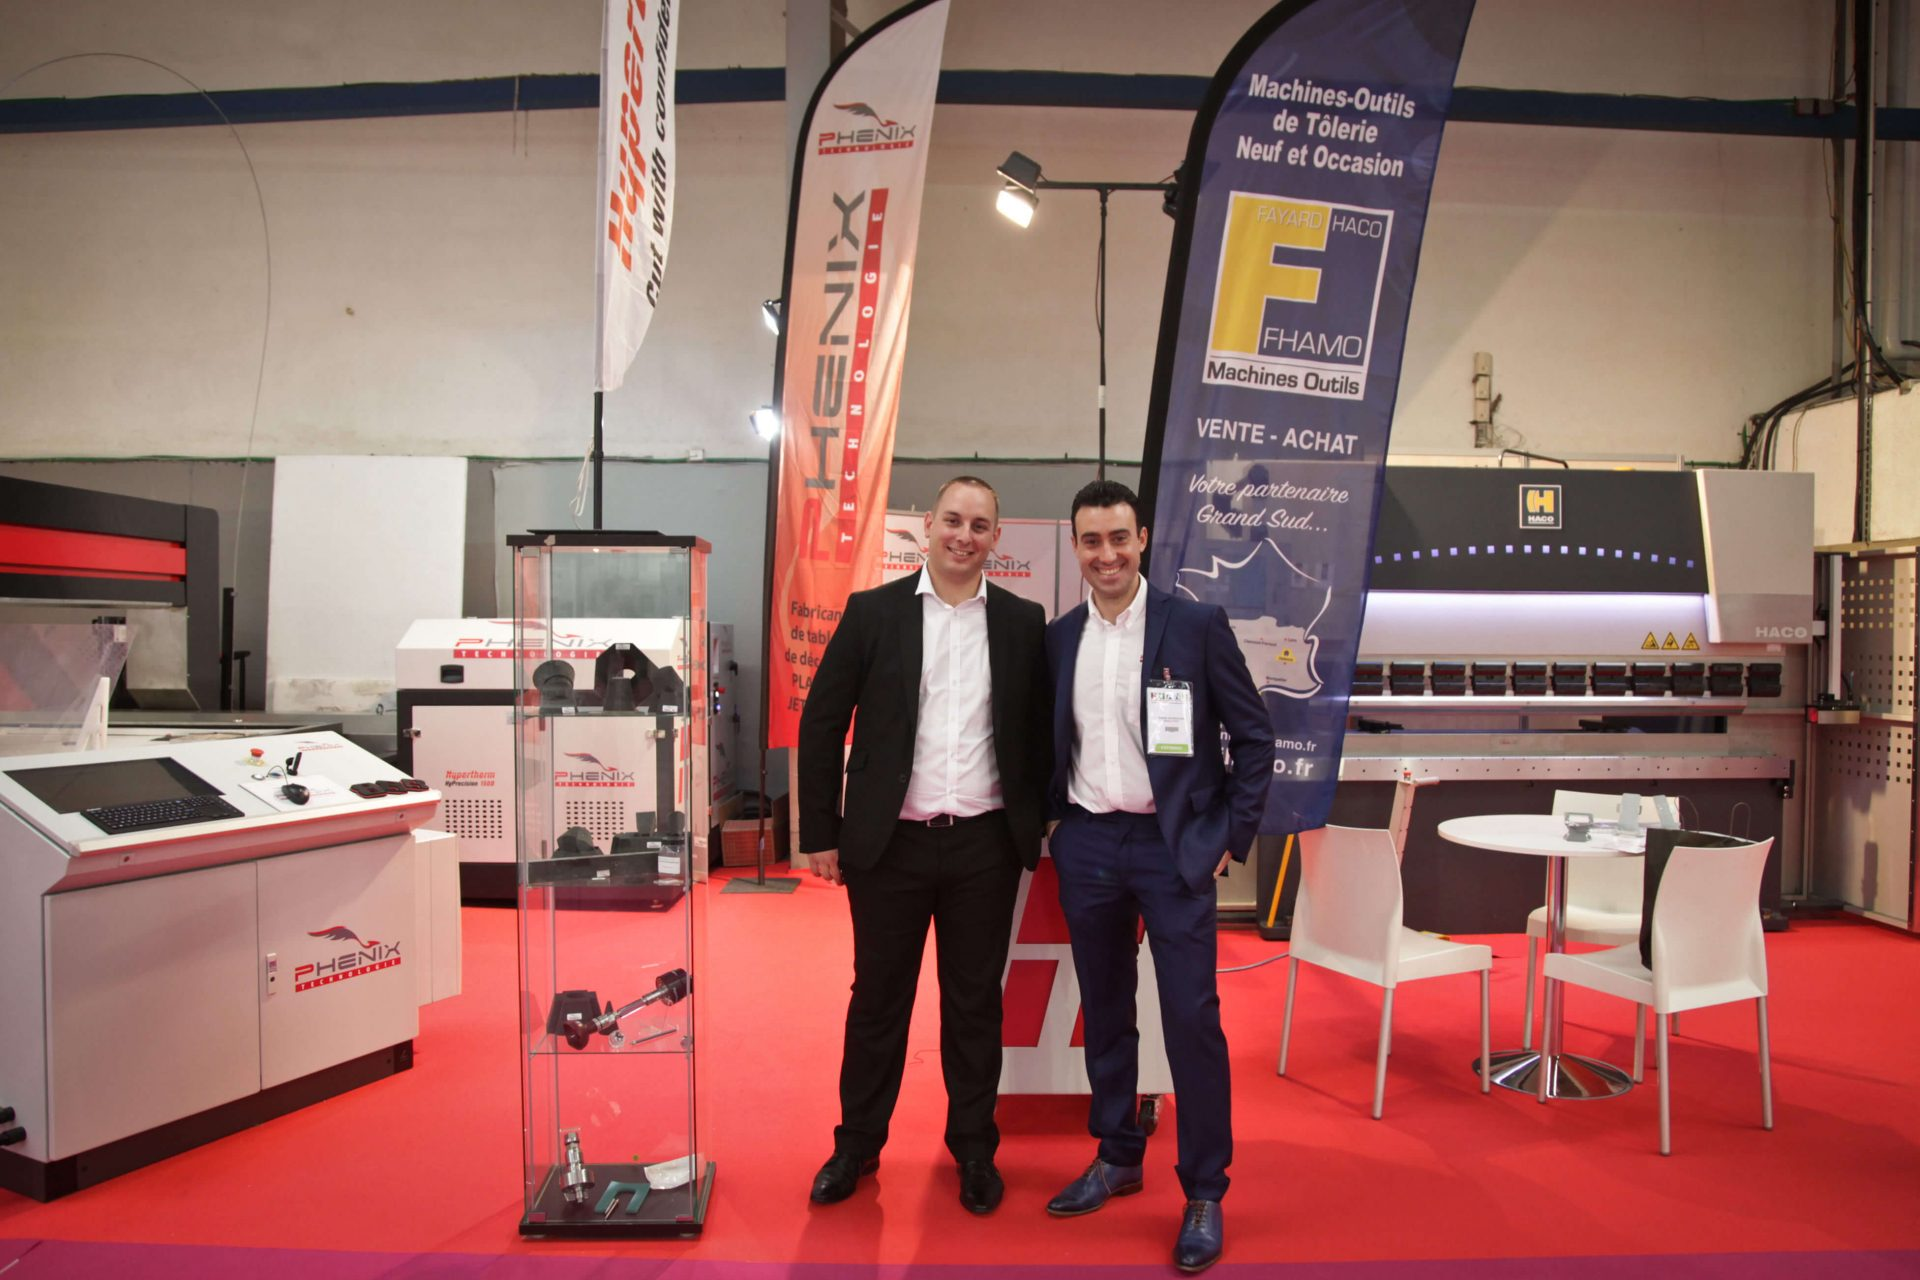 SIANE 2016 0290029 e1480066249937 - Phénix Technologie présent sur le SIANE salon des partenaires de l'Industrie